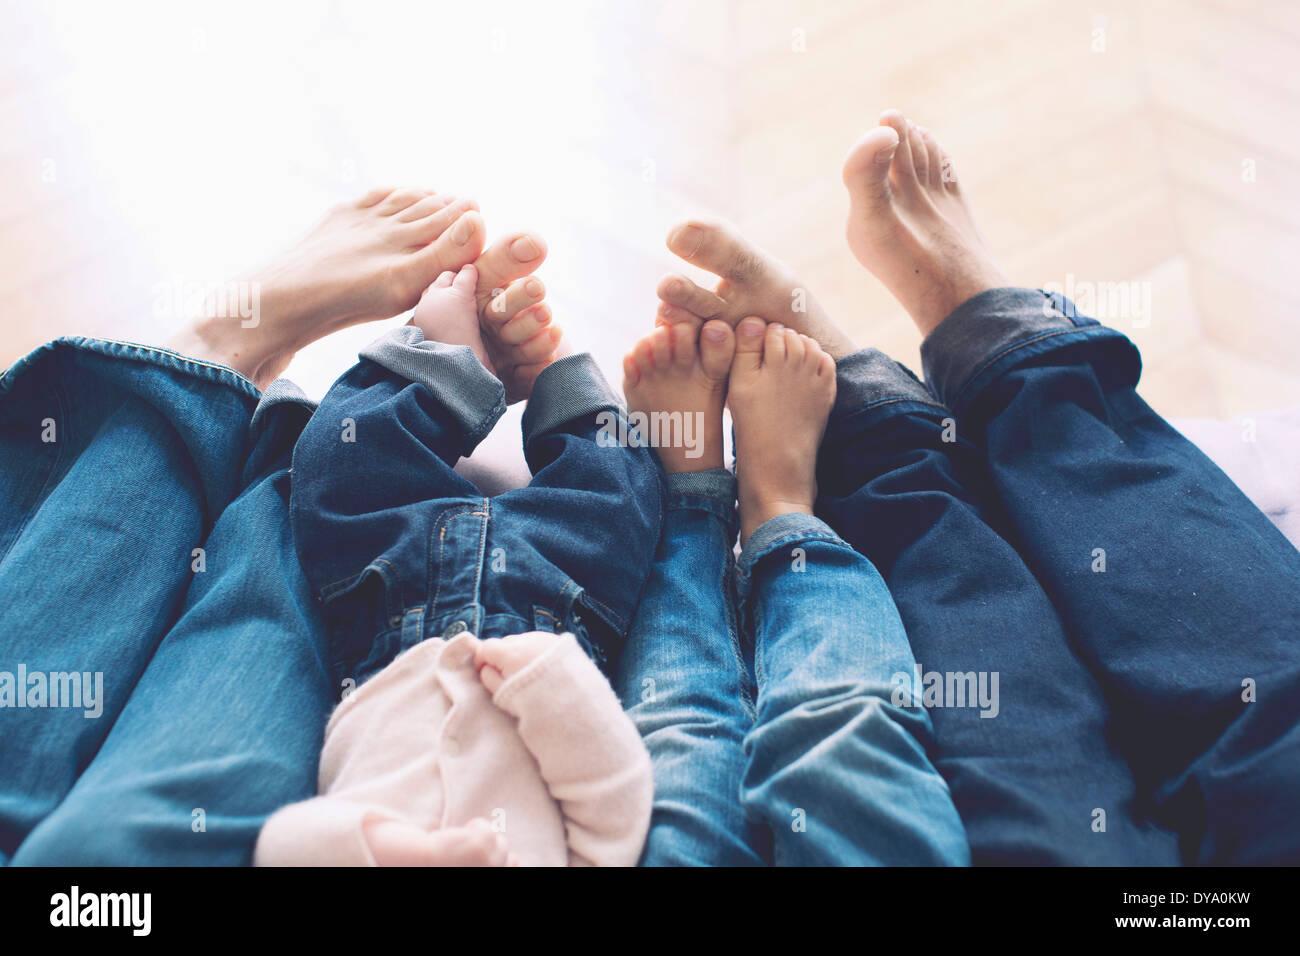 Pernas Estendidas e barefeet de família com duas crianças Imagens de Stock